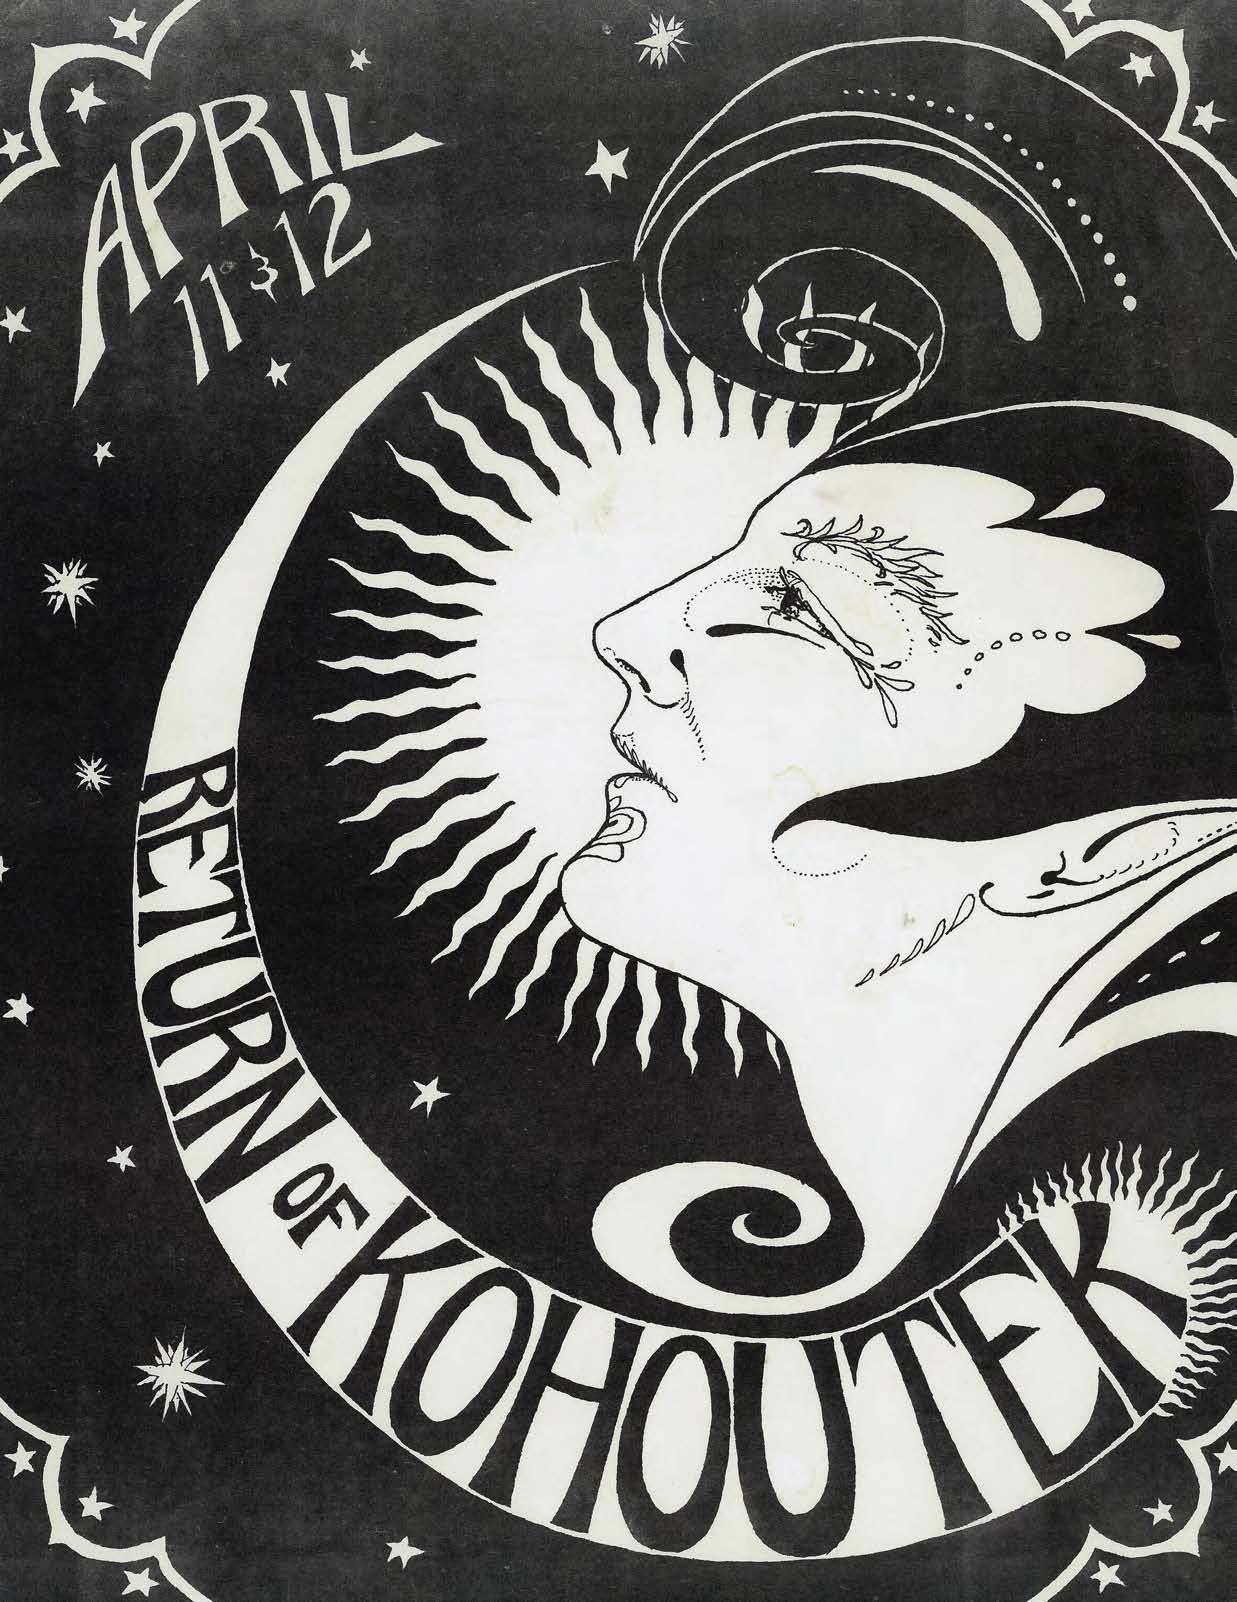 1975 - Alternate poster for Kohoutek II